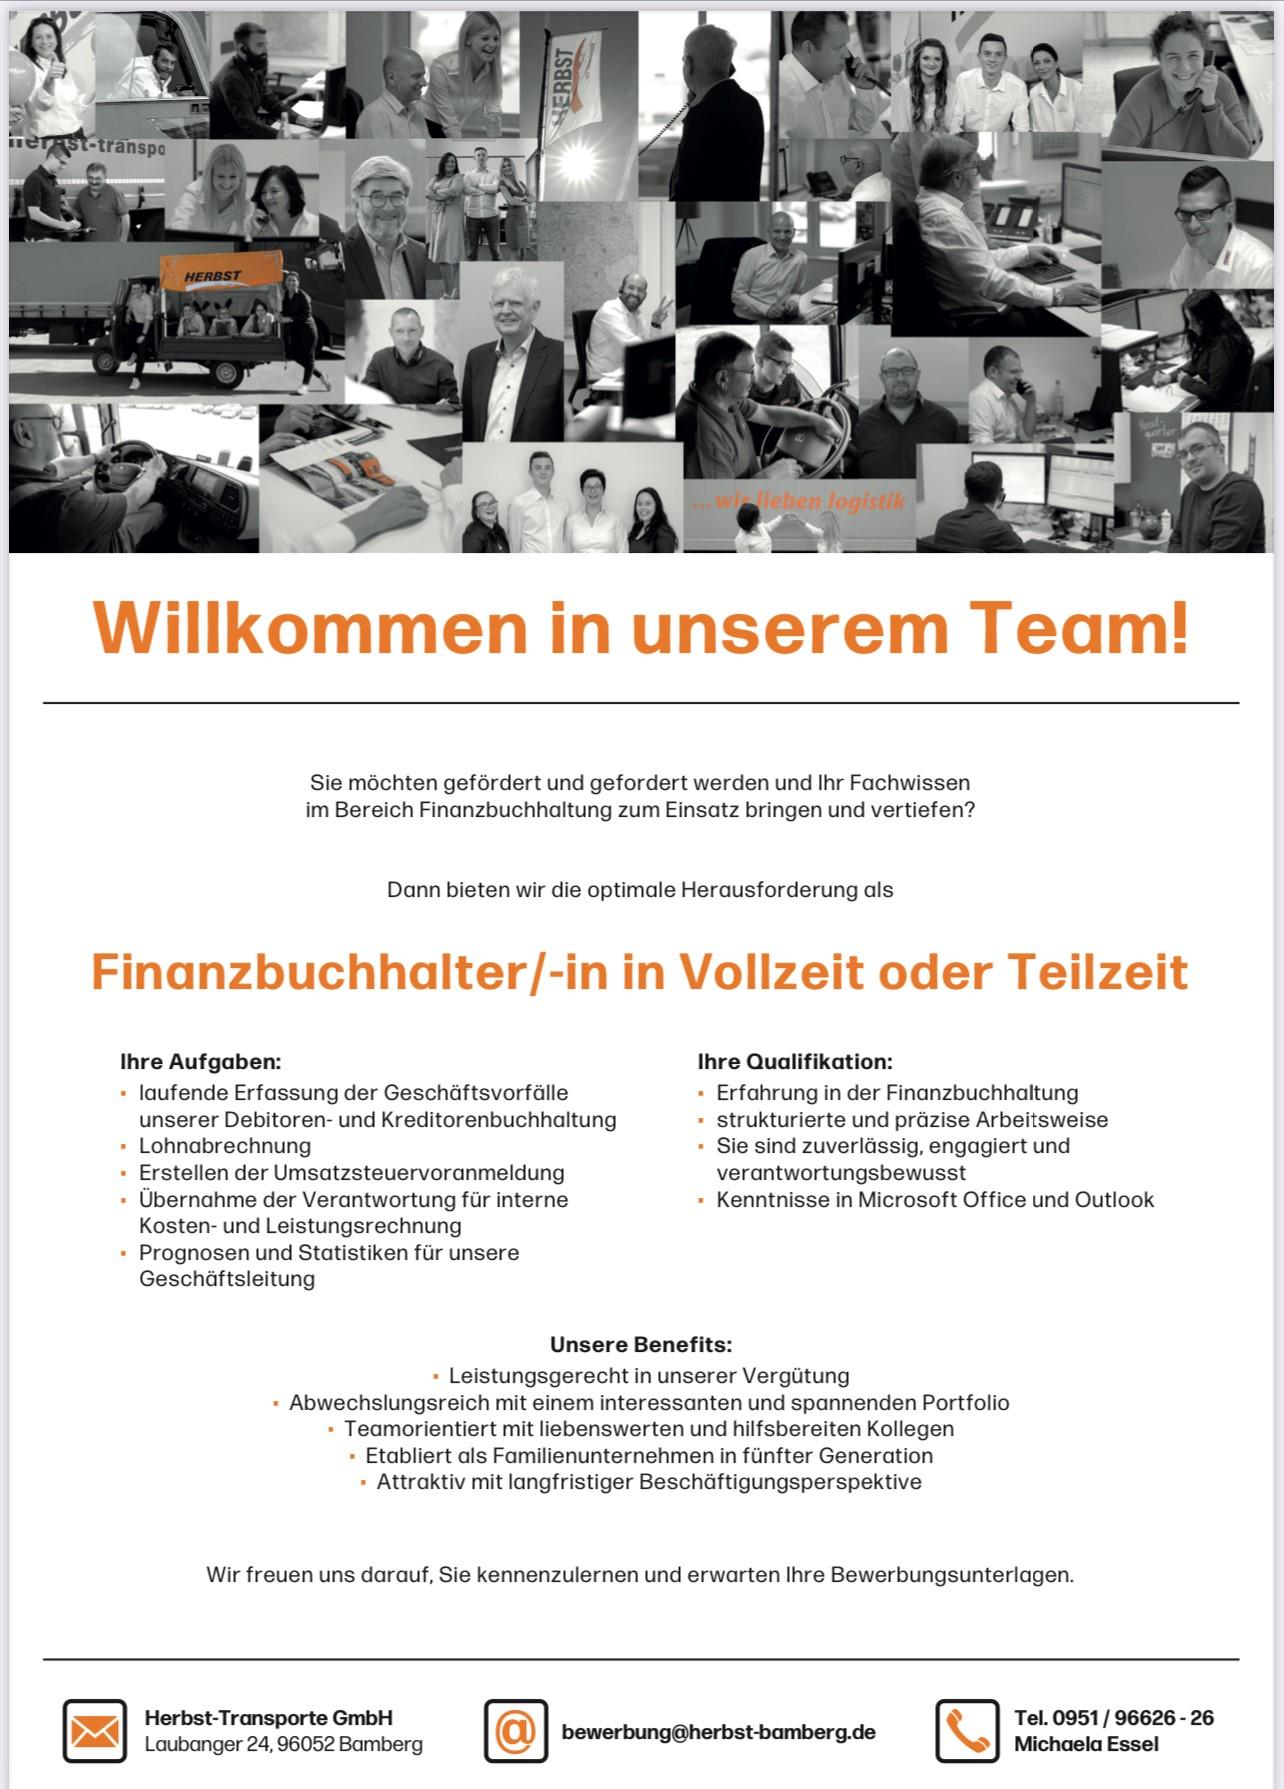 Willkommen In Unserem Team! – Finanzbuchhalter/-in In Vollzeit Oder Teilzeit Gesucht